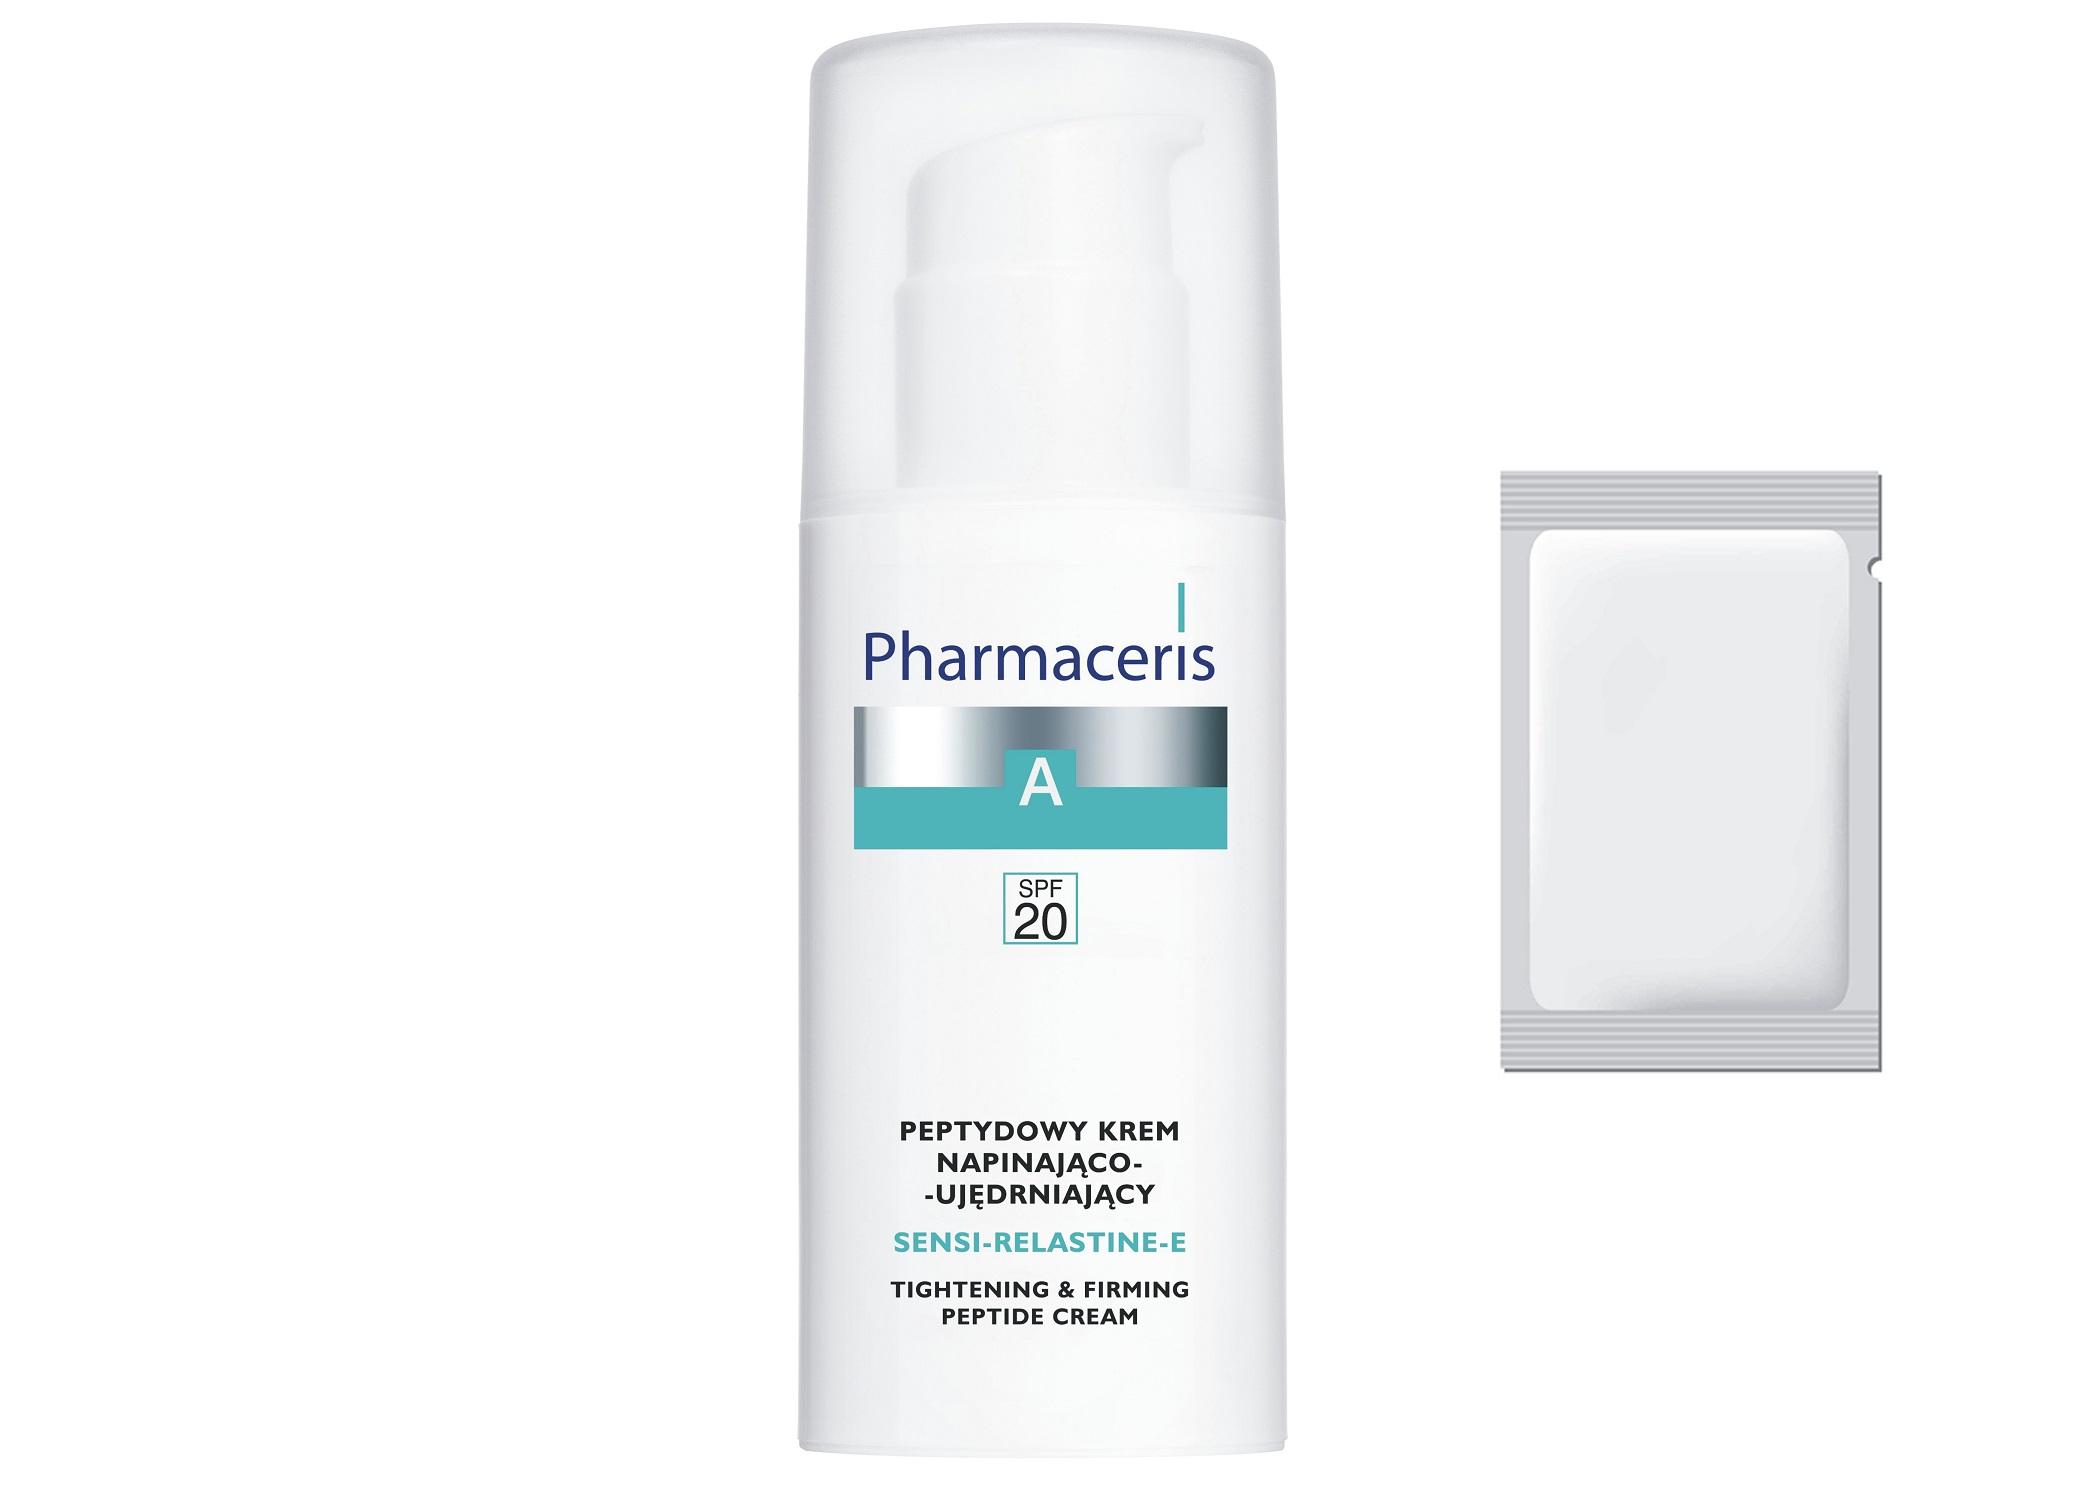 Косметика pharmaceris купить в польше эйвон косметика чье производство